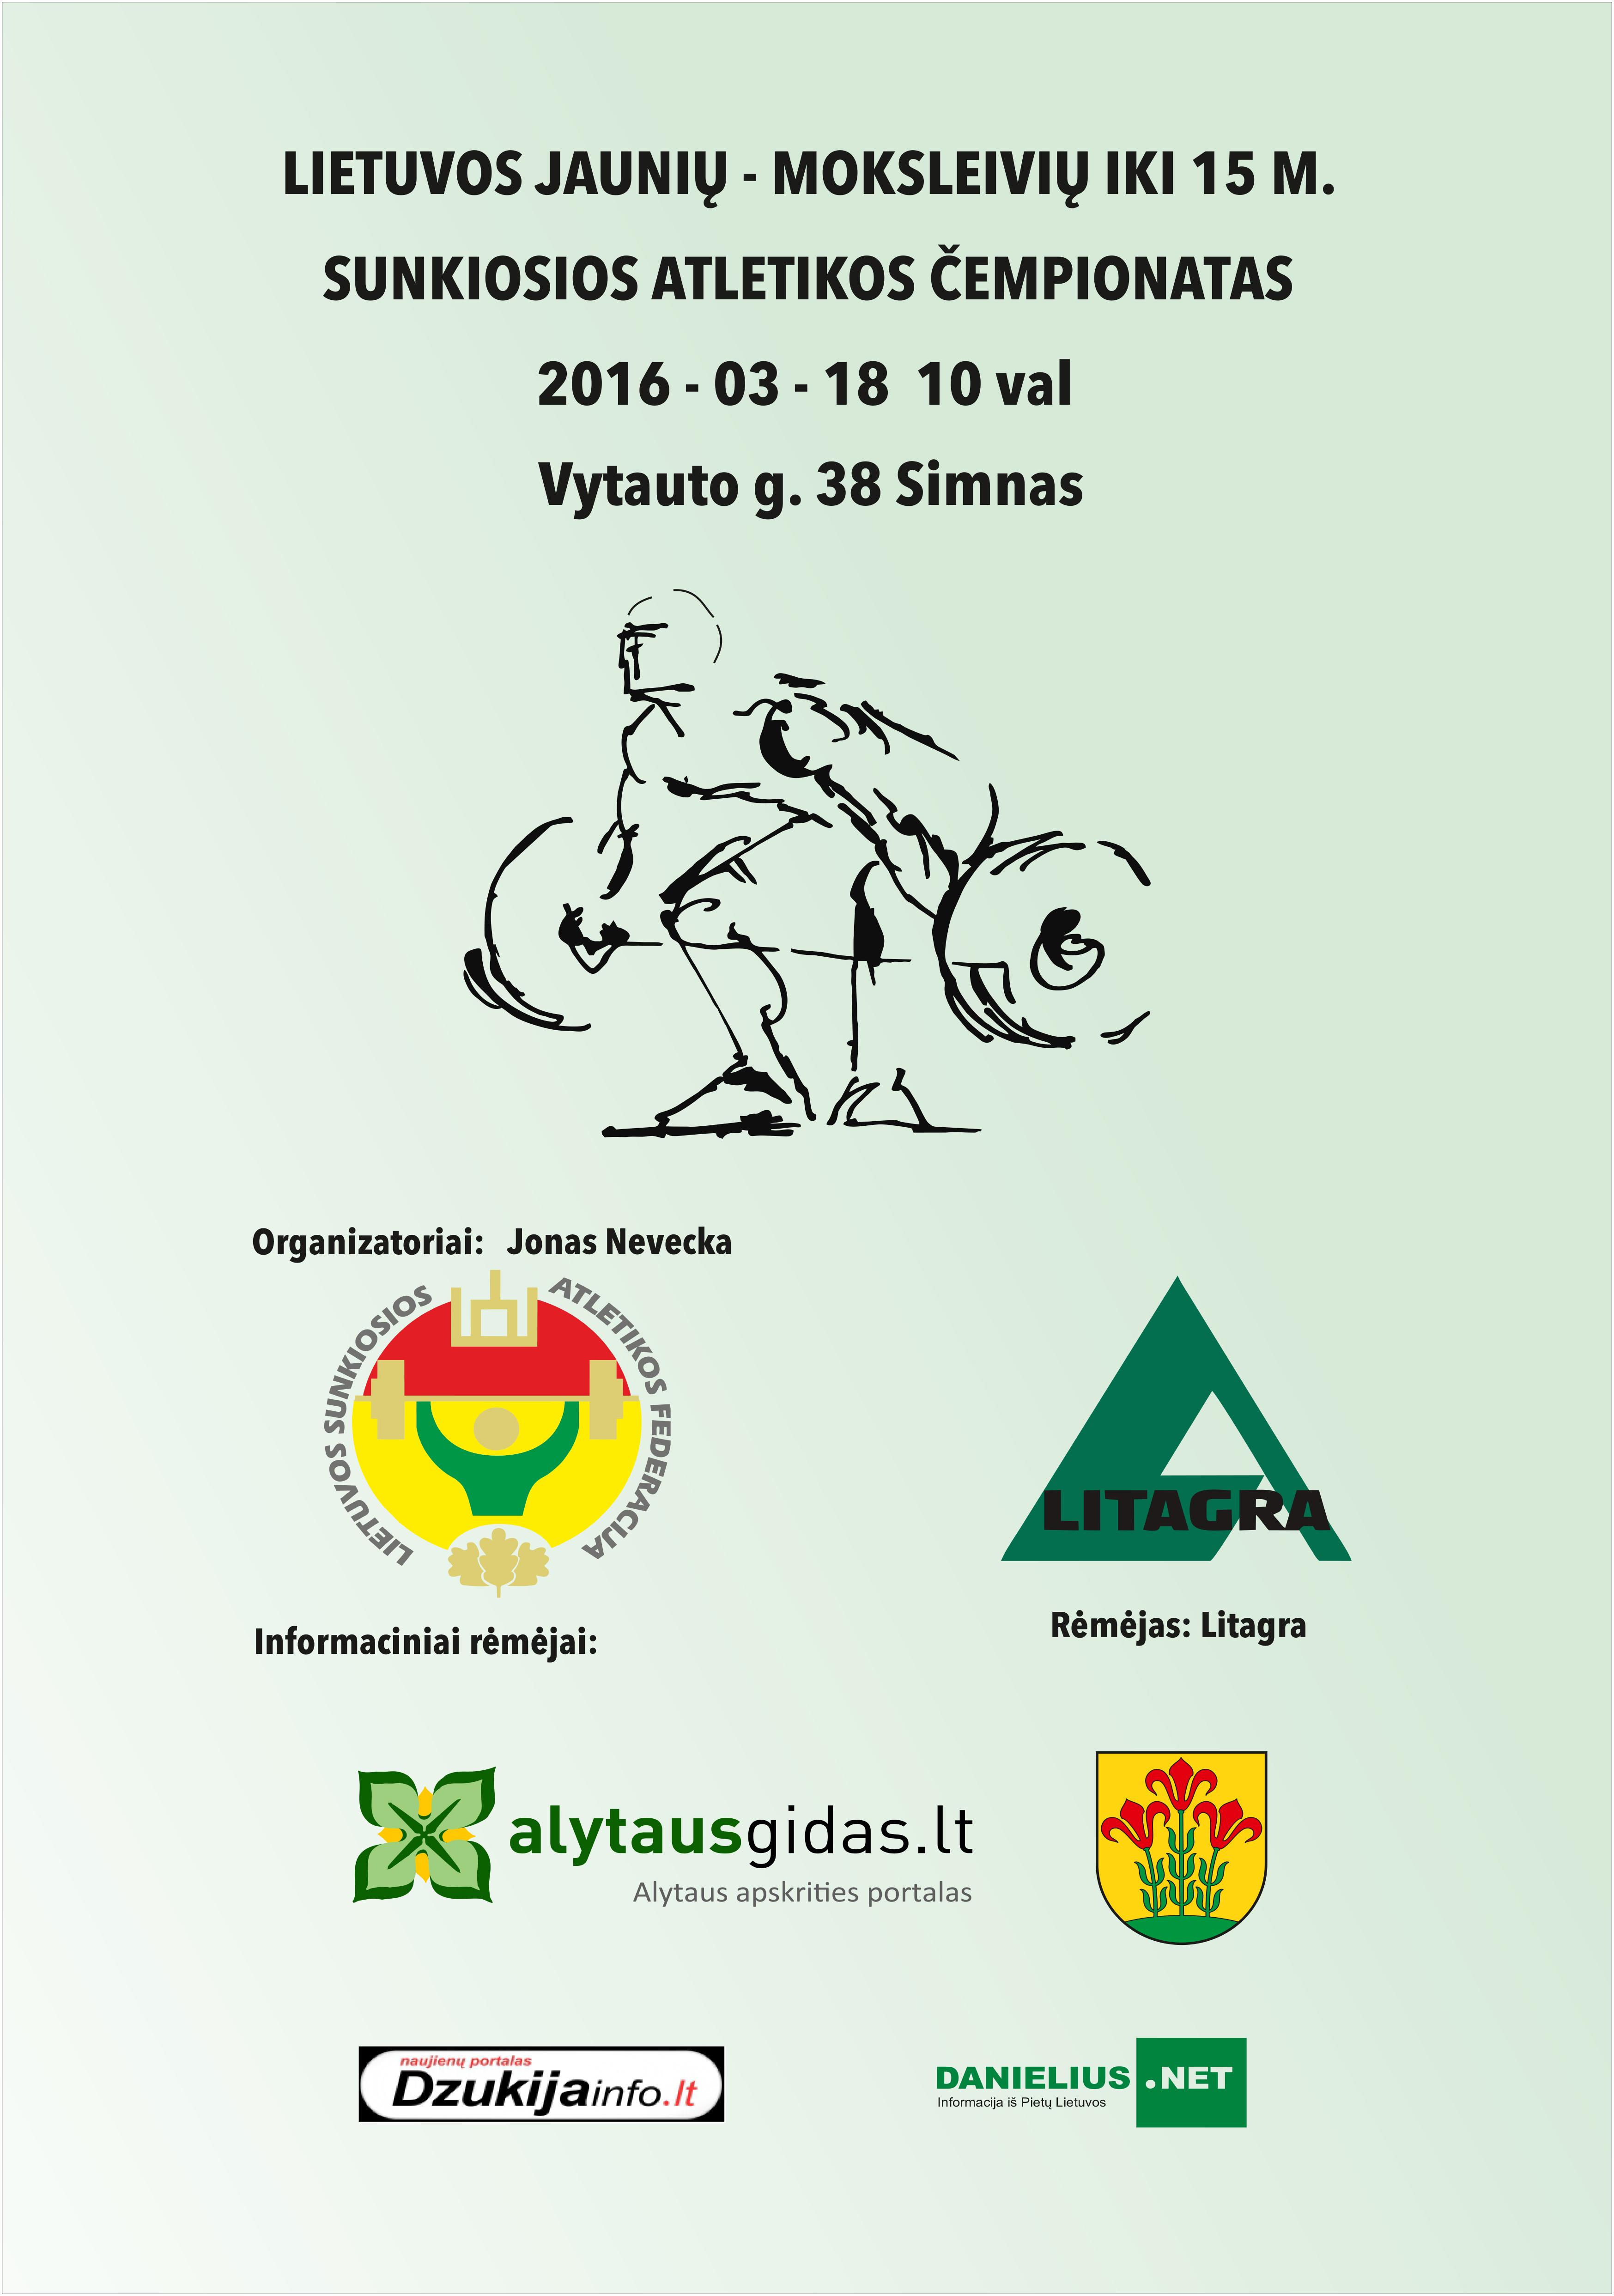 Sunkiosios atletikos plakatai.cdr